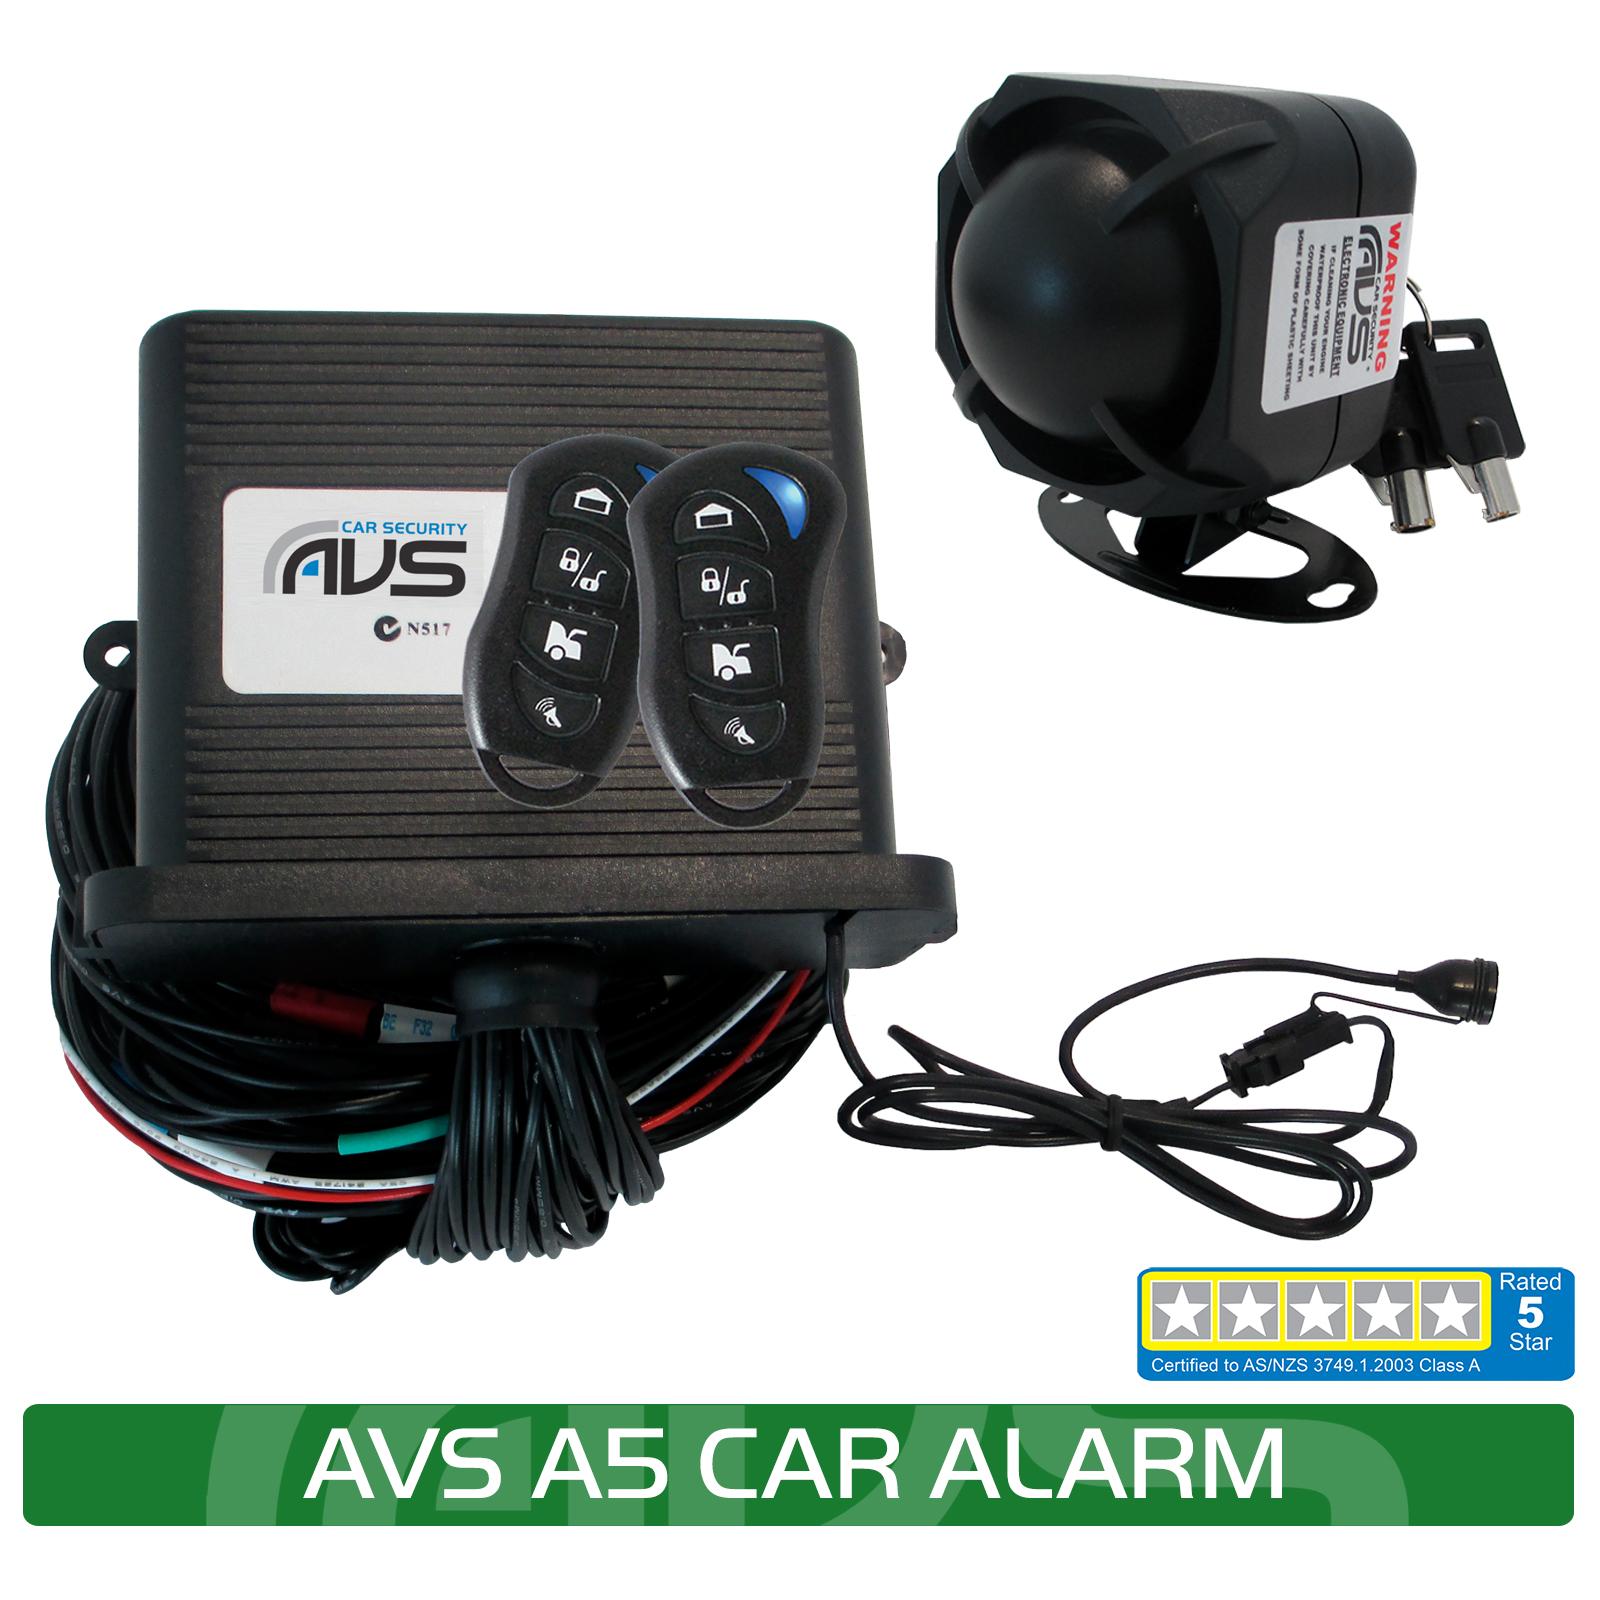 AVS-A5.jpg